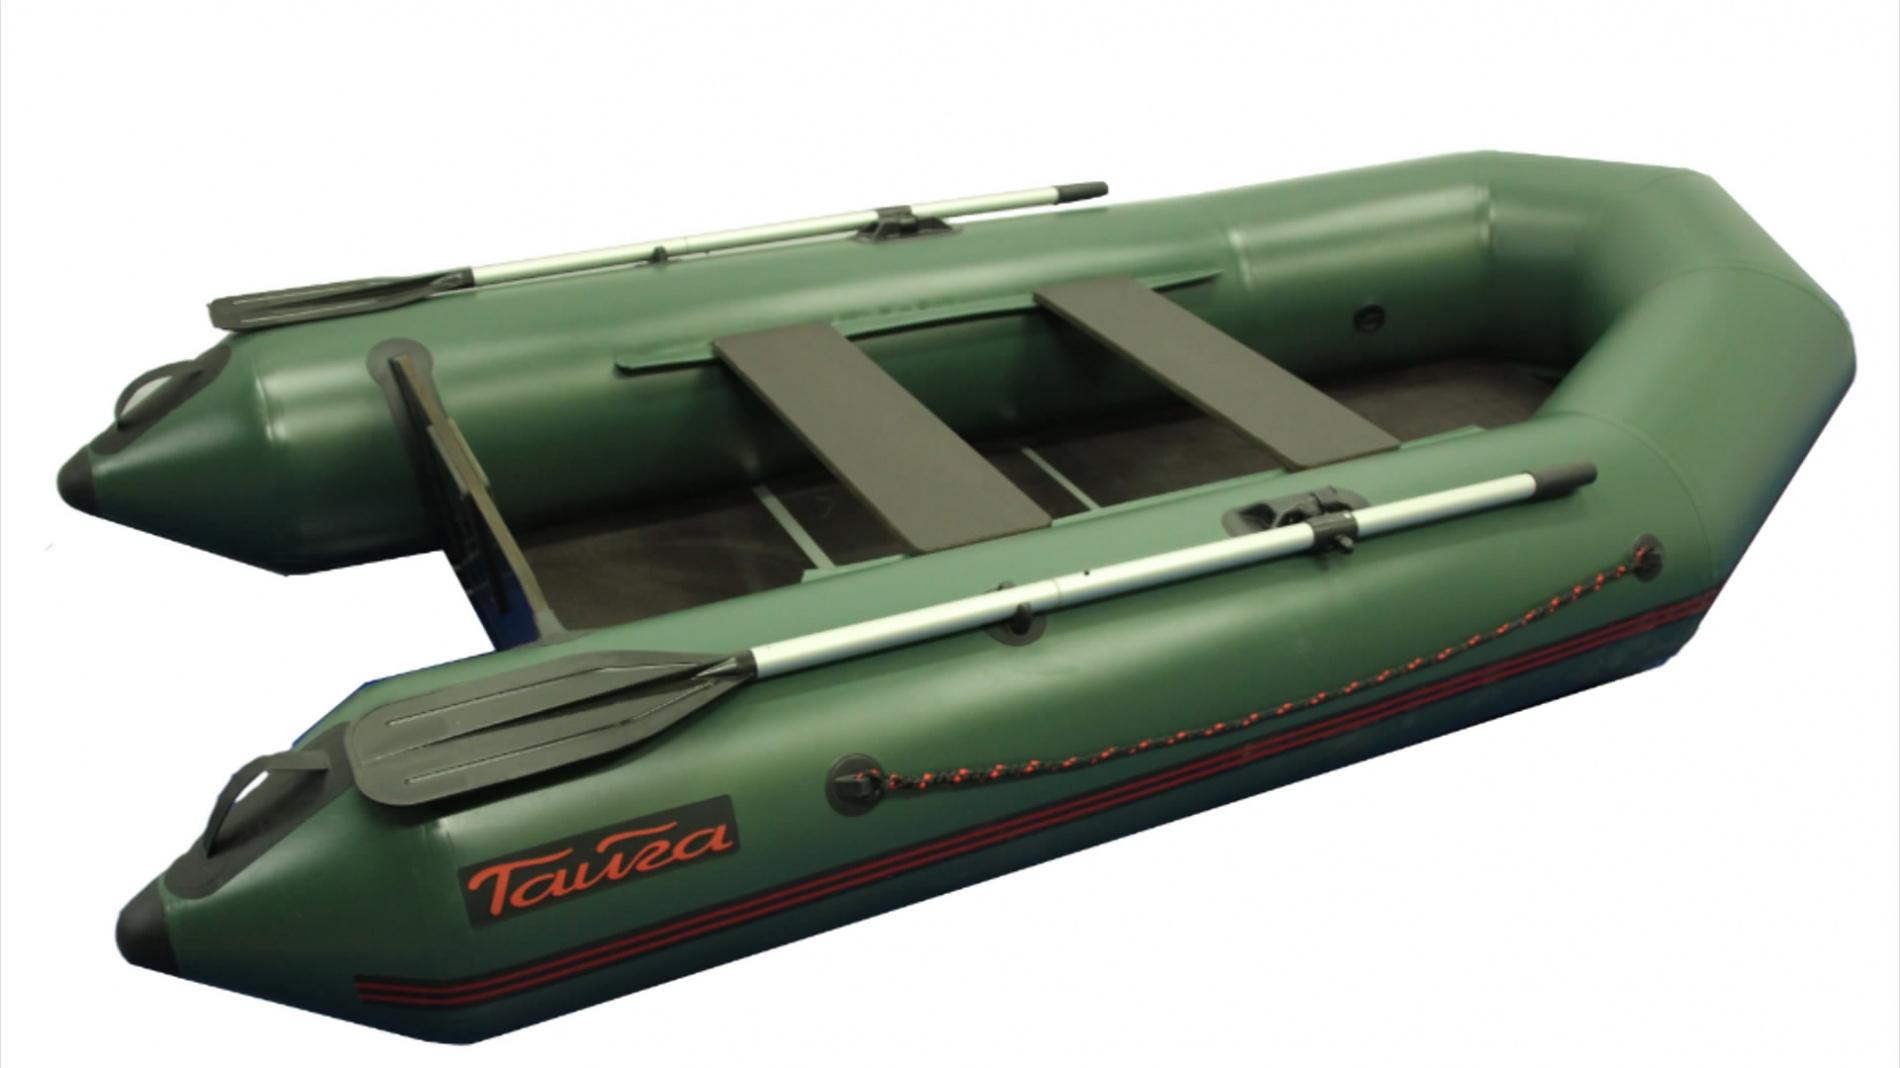 Лодка ПВХ Тайга-290 (С-Пб) (New)Моторные или под мотор<br>Модель 2017 года. Лодка ТАЙГА-290 – надувная <br>моторная лодка, совмещающая в себе возможности <br>гребных и моторных. У такой лодки имеется <br>жестко вклеенный (стационарный) транец <br>из морской фанеры, толщиной 18 мм.. Лодка <br>легко выходит в глиссирующее положение <br>с моторами малой мощности 4-5 л. 2 отсека, <br>ПВХ ткань плотностью 750 г/м.кв. Шов шириной <br>4 см! Банки изготовлены из фанеры толщиной <br>18 мм. На конусной части баллонов есть удобные <br>ручки для переноски Леерный пояс. Сплошной <br>фанерный пол с алюминиевым H-образным профилем, <br>при изготовлении частей которого, применяется <br>влагостойкая ламинированная бакелитовая <br>фанера толщиной 9 мм.. - Сумка-конверт. В стандартную <br>комплектацию входит: - разъемные алюминиевые <br>весла (2 шт.), - фанерное жесткое сиденье-банка <br>(2 шт), - помпа- 5л., - сплошной фанерный настил <br>с алюминиевым H-образным профилем - рем-набор: <br>оригинальный клей, небольшие кусочки ПВХ <br>материала и пластиковый ключ для клапана, <br>- Сумка-конверт. - инструкция по сборке и <br>разборке, хранению, транспортировке надувных <br>лодок, описаны меры по ремонту порезов и <br>проколов в аварийных ситуациях. Сертификация: <br>Каждая надувная лодка «ТАЙГА» соответствует <br>требованиям ТУ 7440-001-89037533-2011 и требованиям <br>нормативных документов по ГОСТ № 21292-89, <br>а надежность использования подтверждена <br>Сертификатом Соответствия Госстандарта <br>России РОСС RU.МП 13.В00693 Гарантии: предприятие <br>гарантирует соответствие комплектации <br>надувной лодки паспортным данным, а также <br>надежную и безопасную эксплуатацию при <br>соблюдении потребителем правил использования <br>установленных в руководстве пользователя <br>к надувной лодке. Материал корпуса лодки <br>– гарантия 5 лет. Клееные швы – 2 года. Остальные <br>компоненты – 1 год. Гарантия не распространяется <br>при несоблюдении правил использования, <br>транспортирования и х